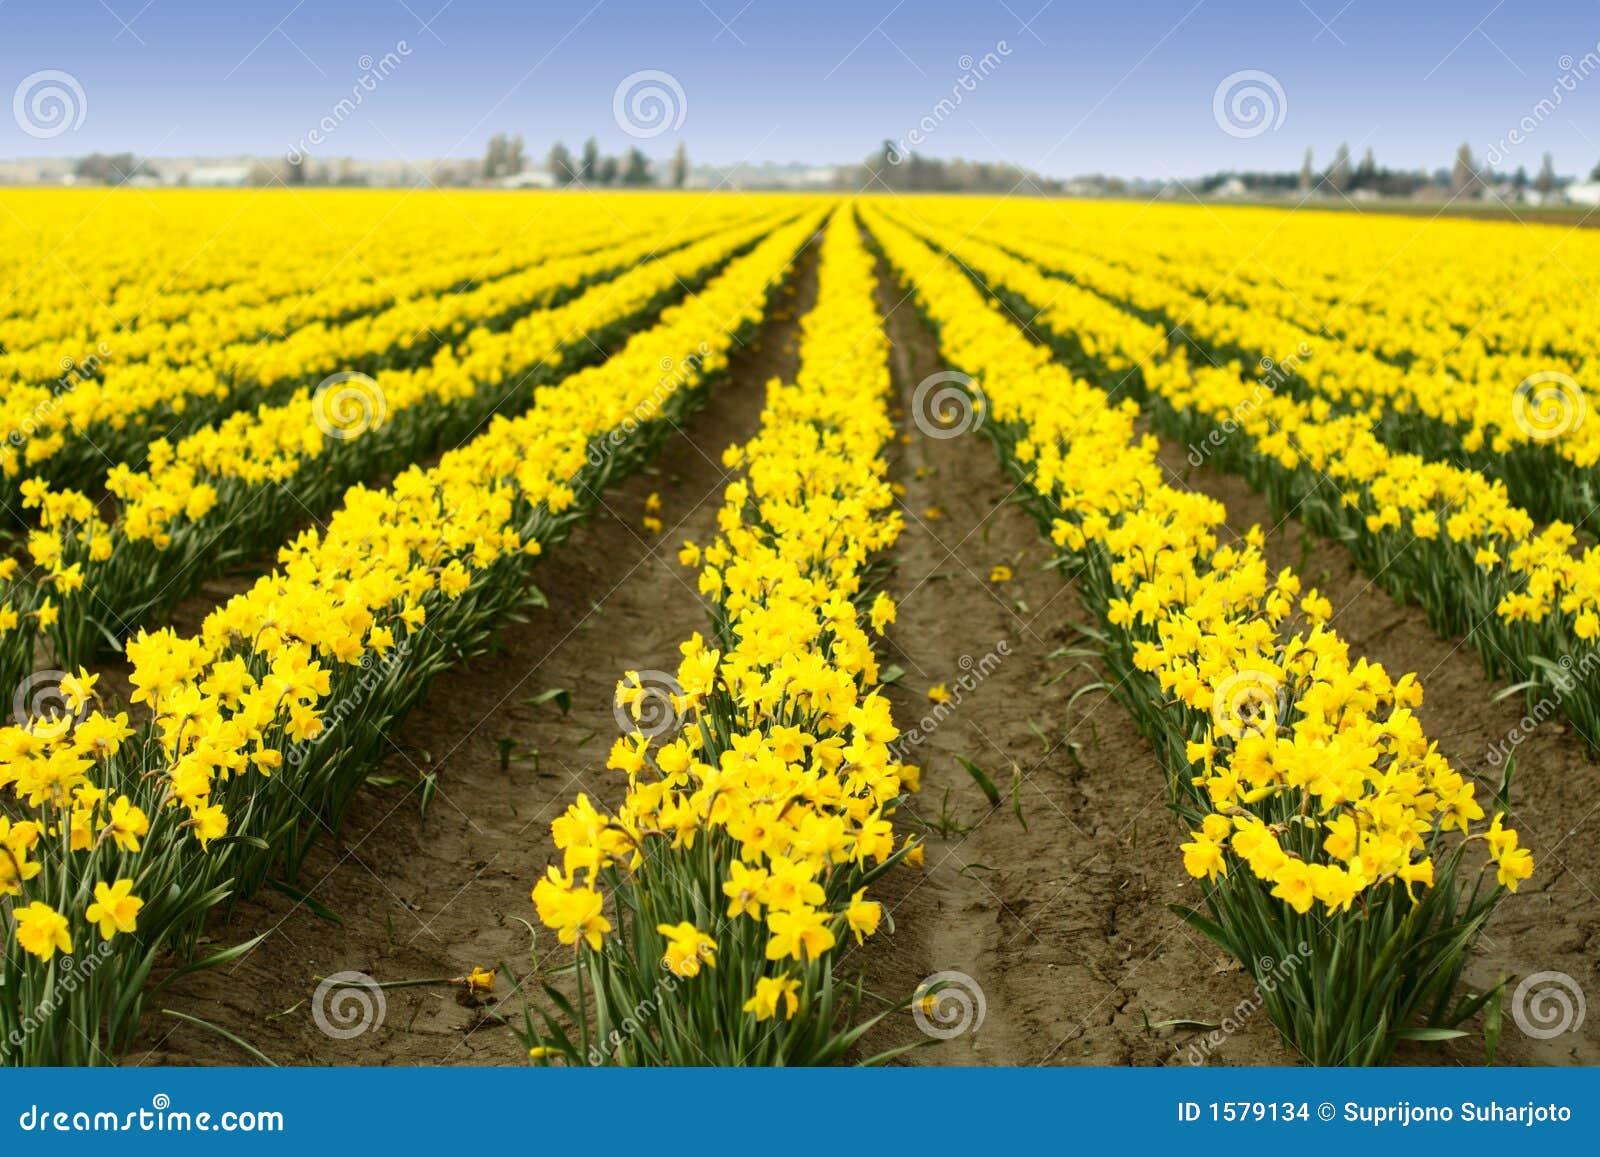 黄水仙黄色